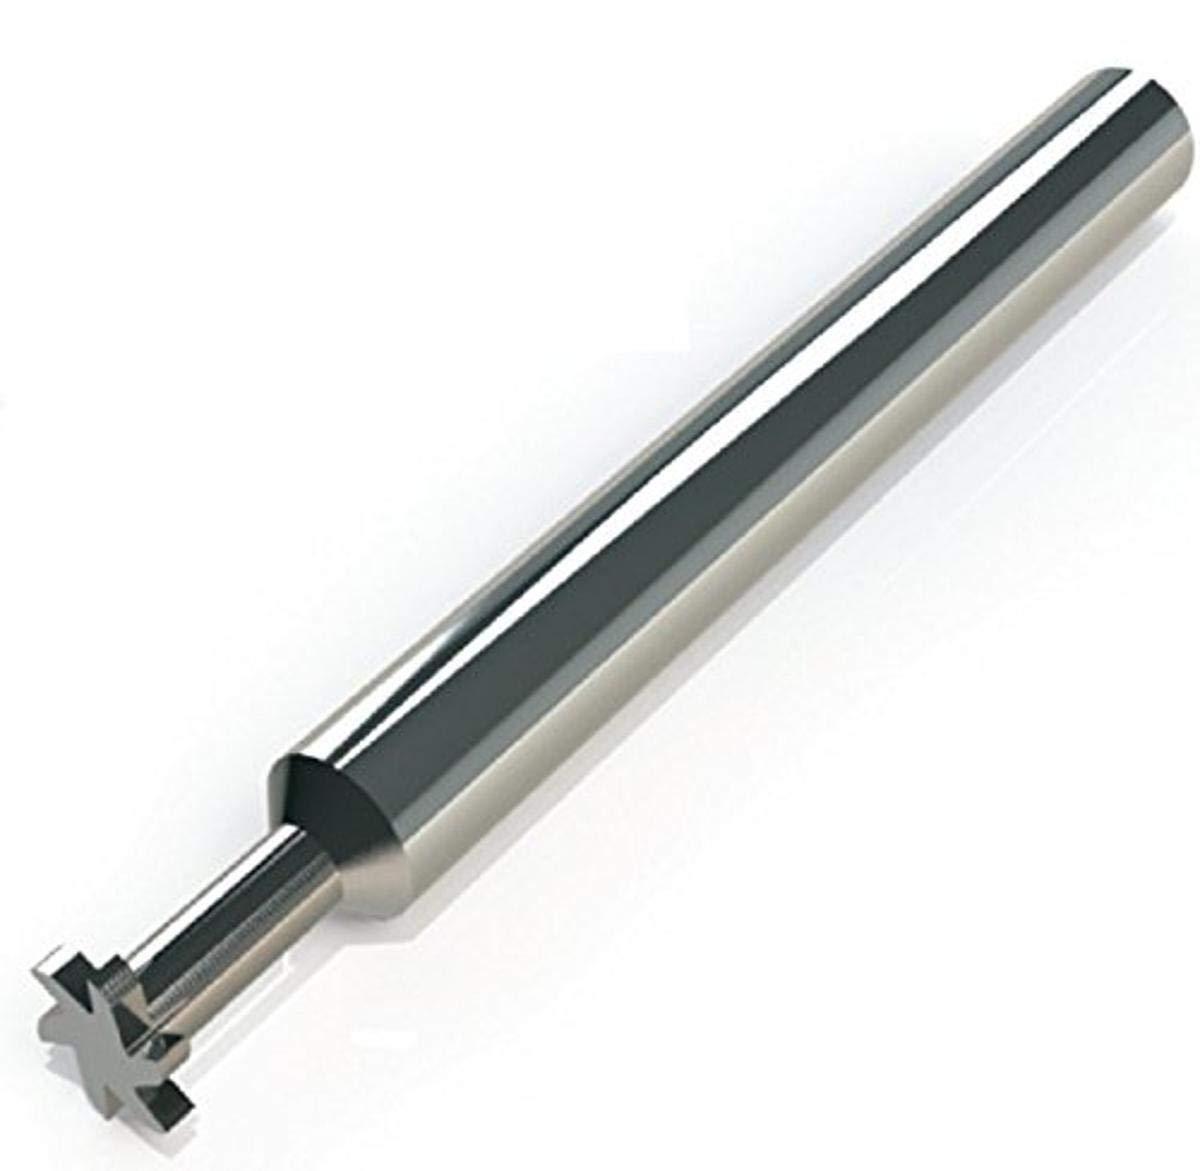 Micro 100 KC-125-190-045 6 Flute Keyseat Cutters, 0.125